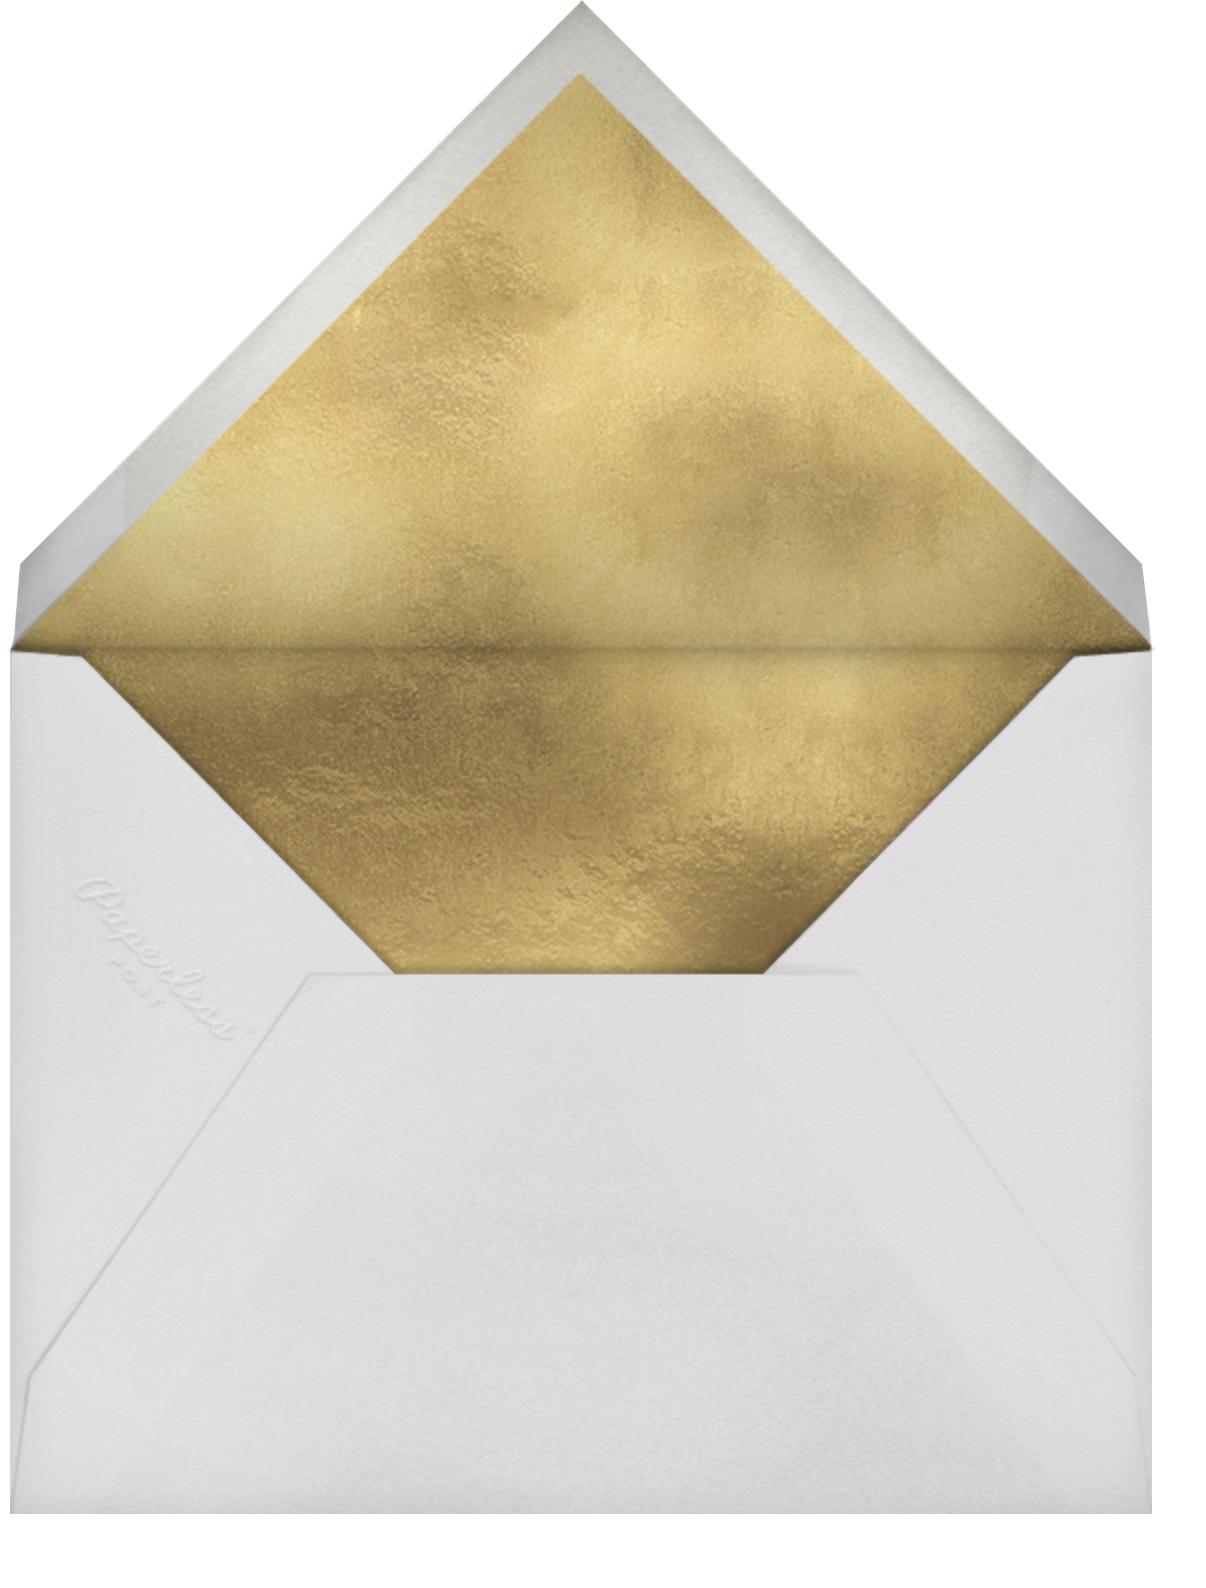 Sand Garden (Invitation) - Gold - kate spade new york - All - envelope back